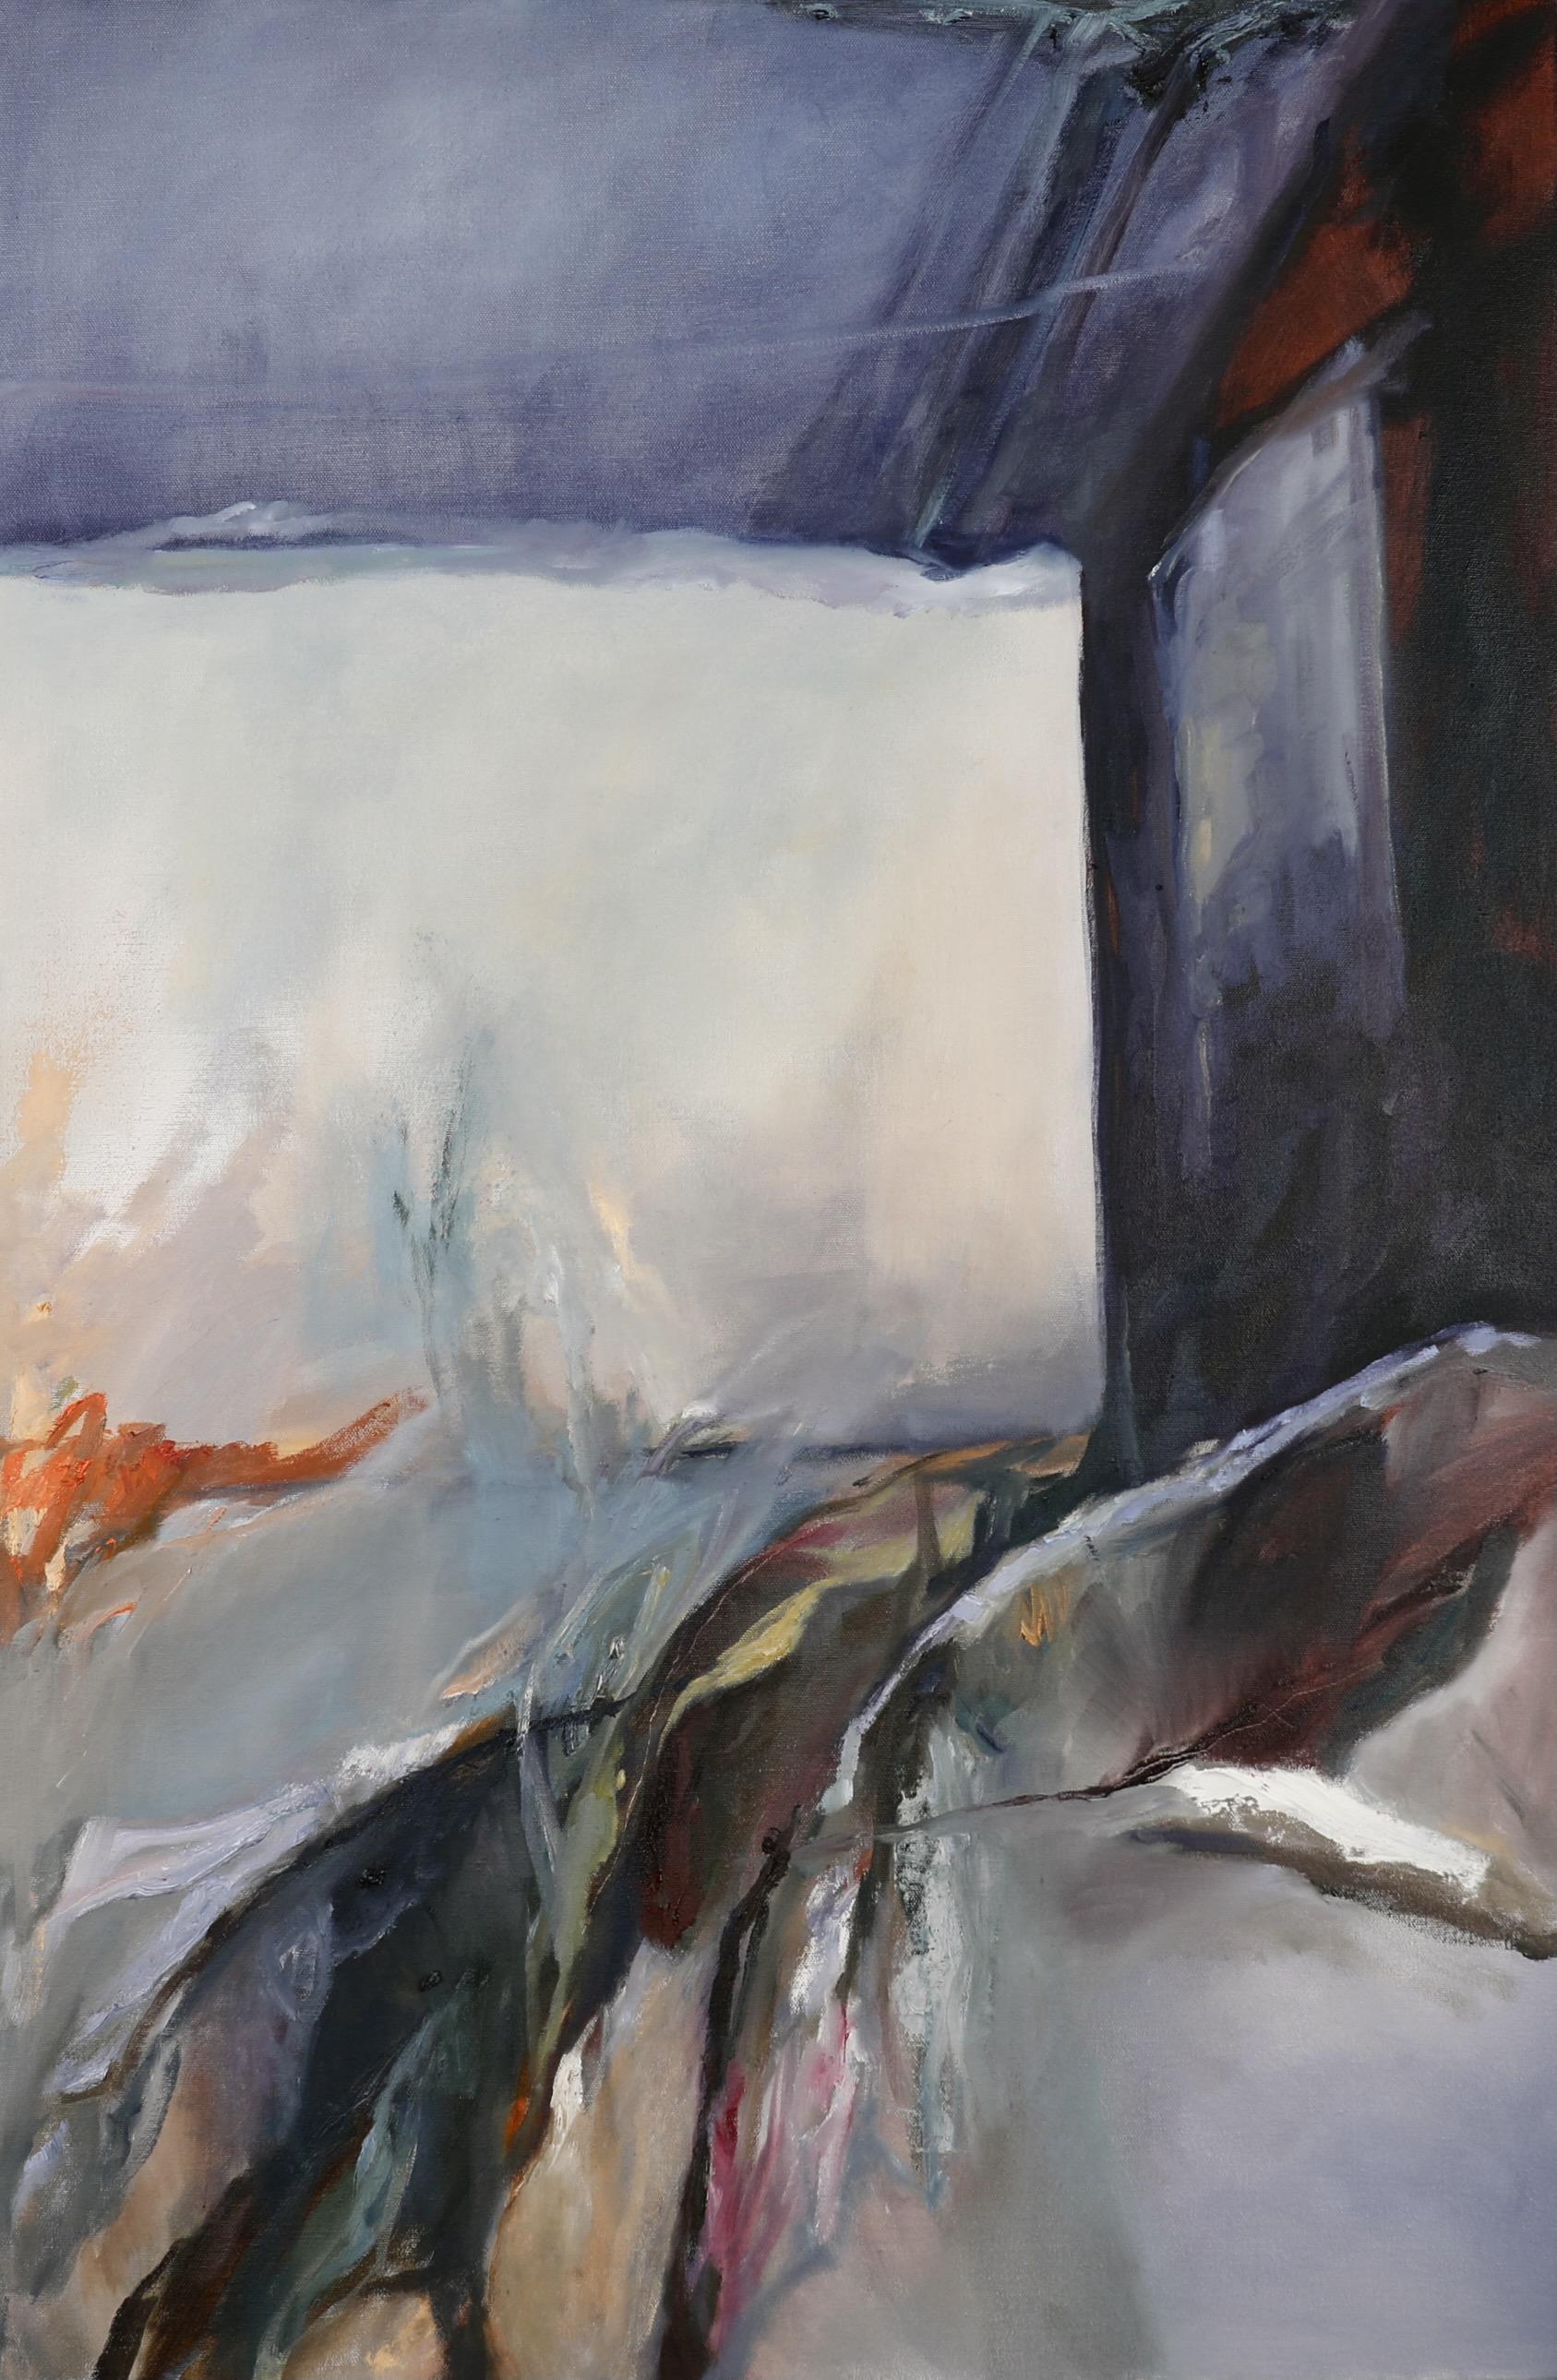 Chenxi Gao, Break Through, Oil on Canvas, September 2020, 36 x 24